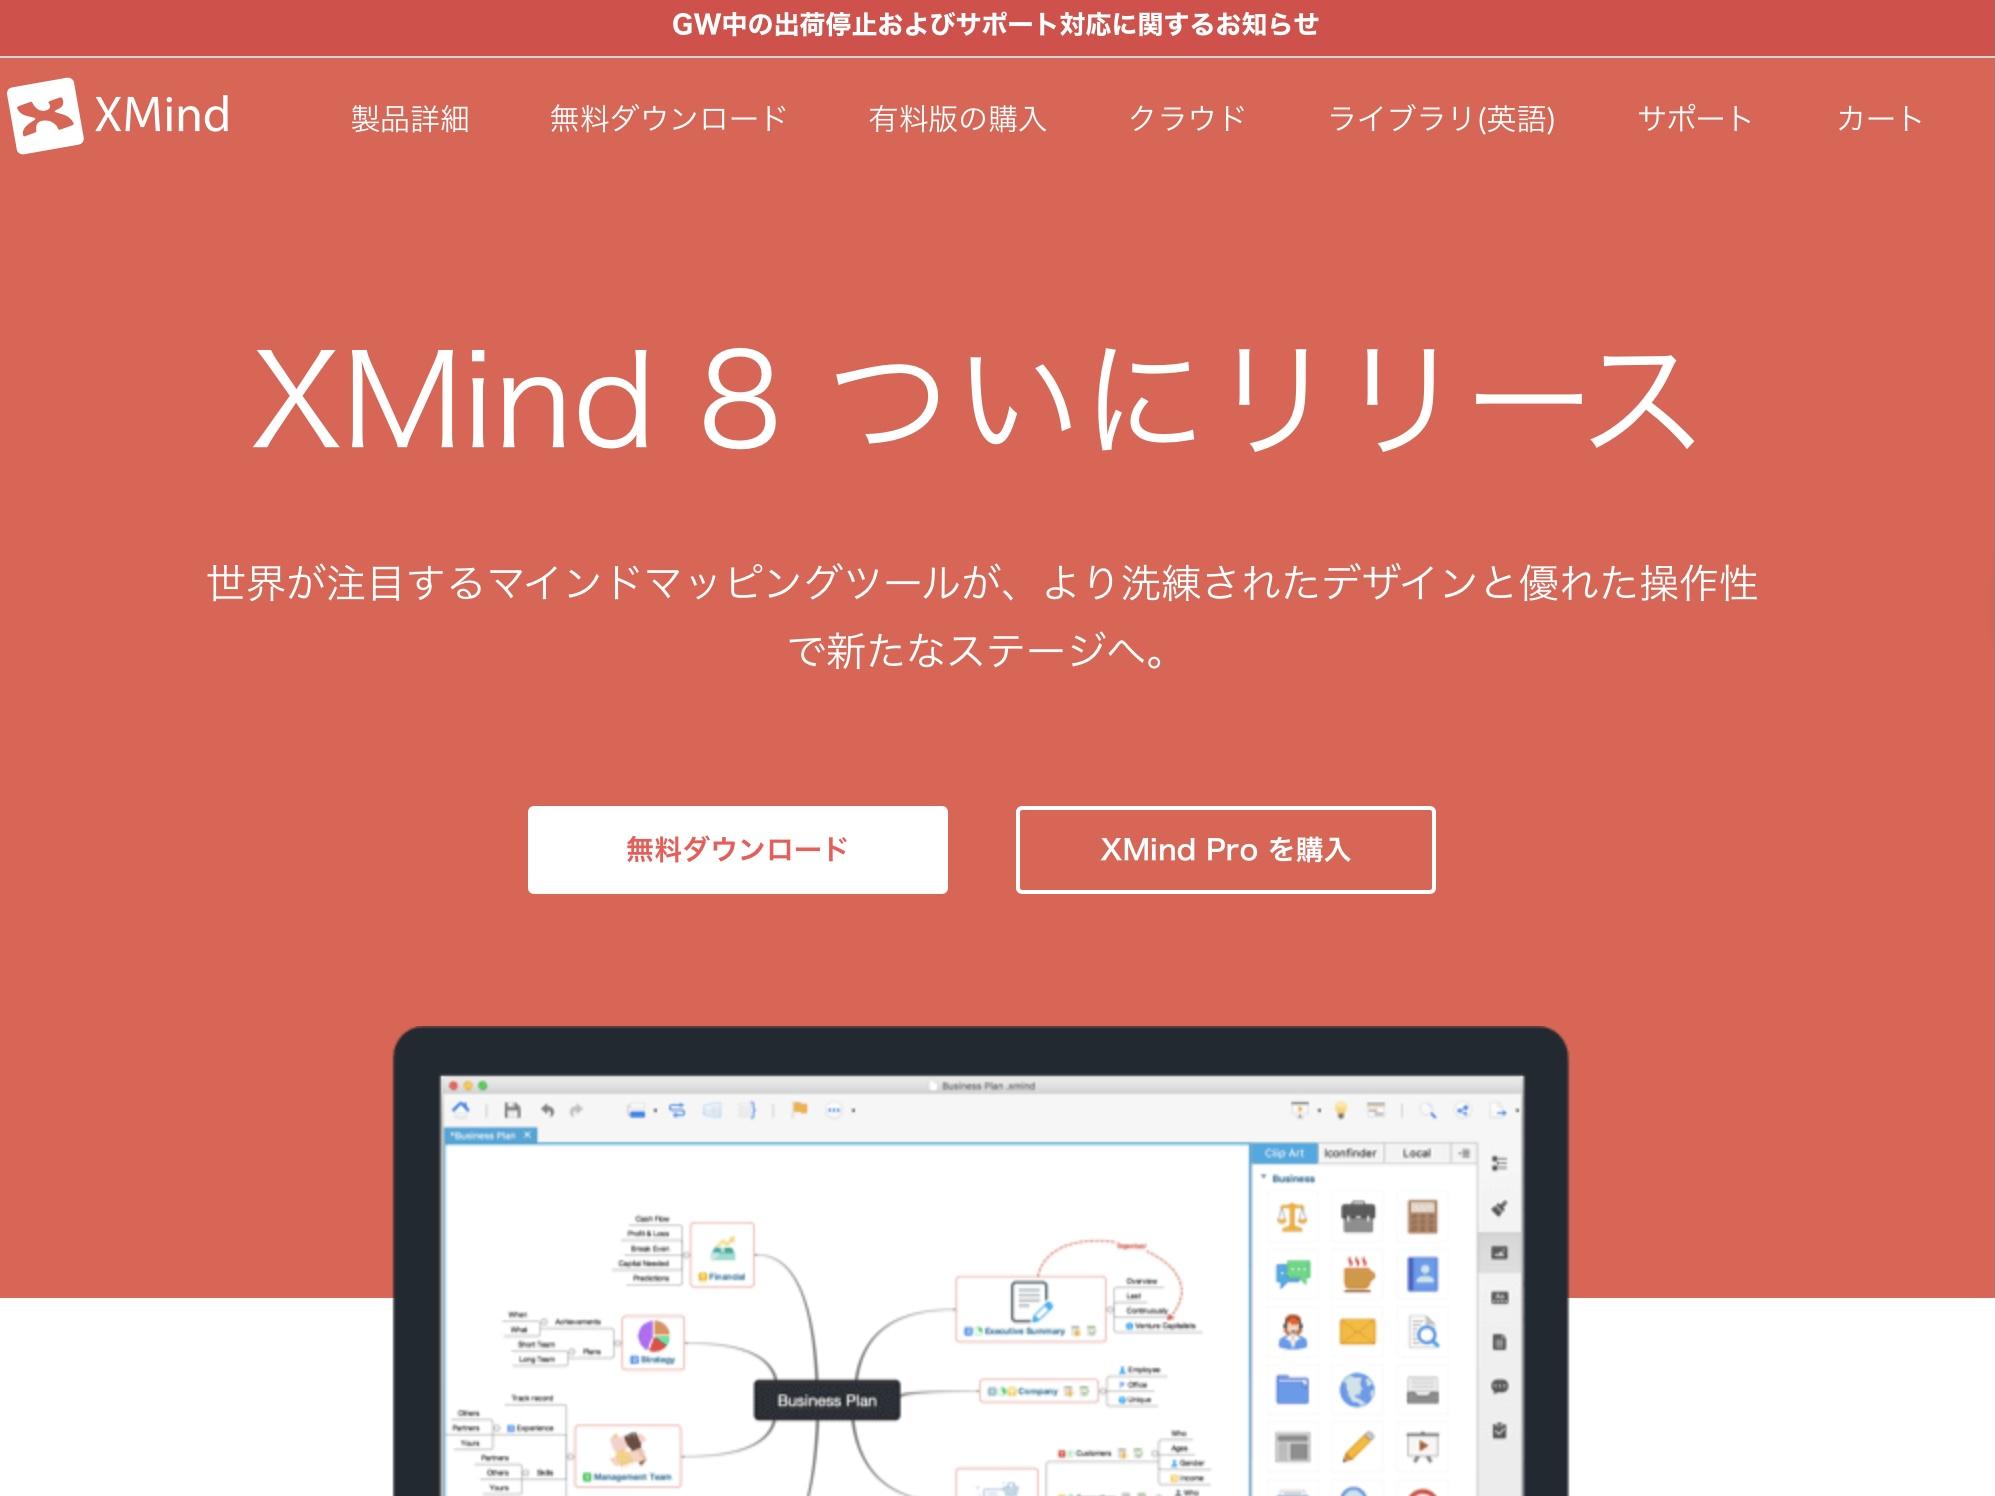 マインドマッピングツール Xmind の説明資料ダウンロード ミツカルは 資料が ミツカル ビジネスメディア